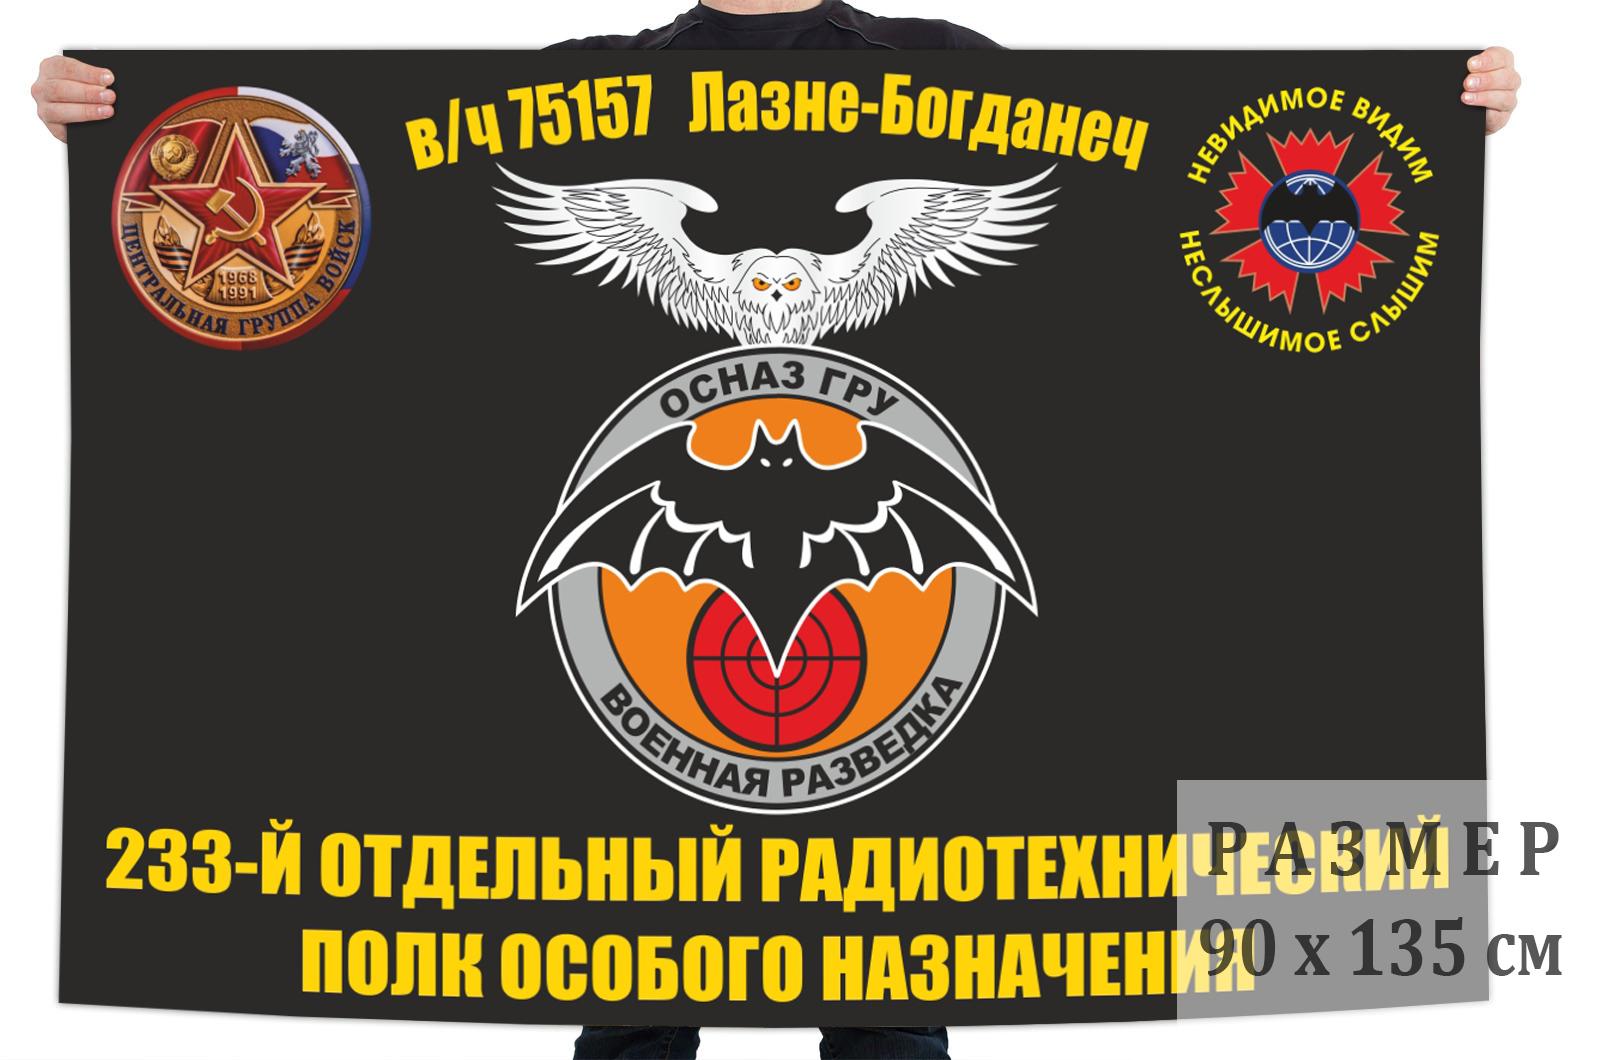 Флаг 233 отдельного радиотехнического полка особого назначения ГРУ